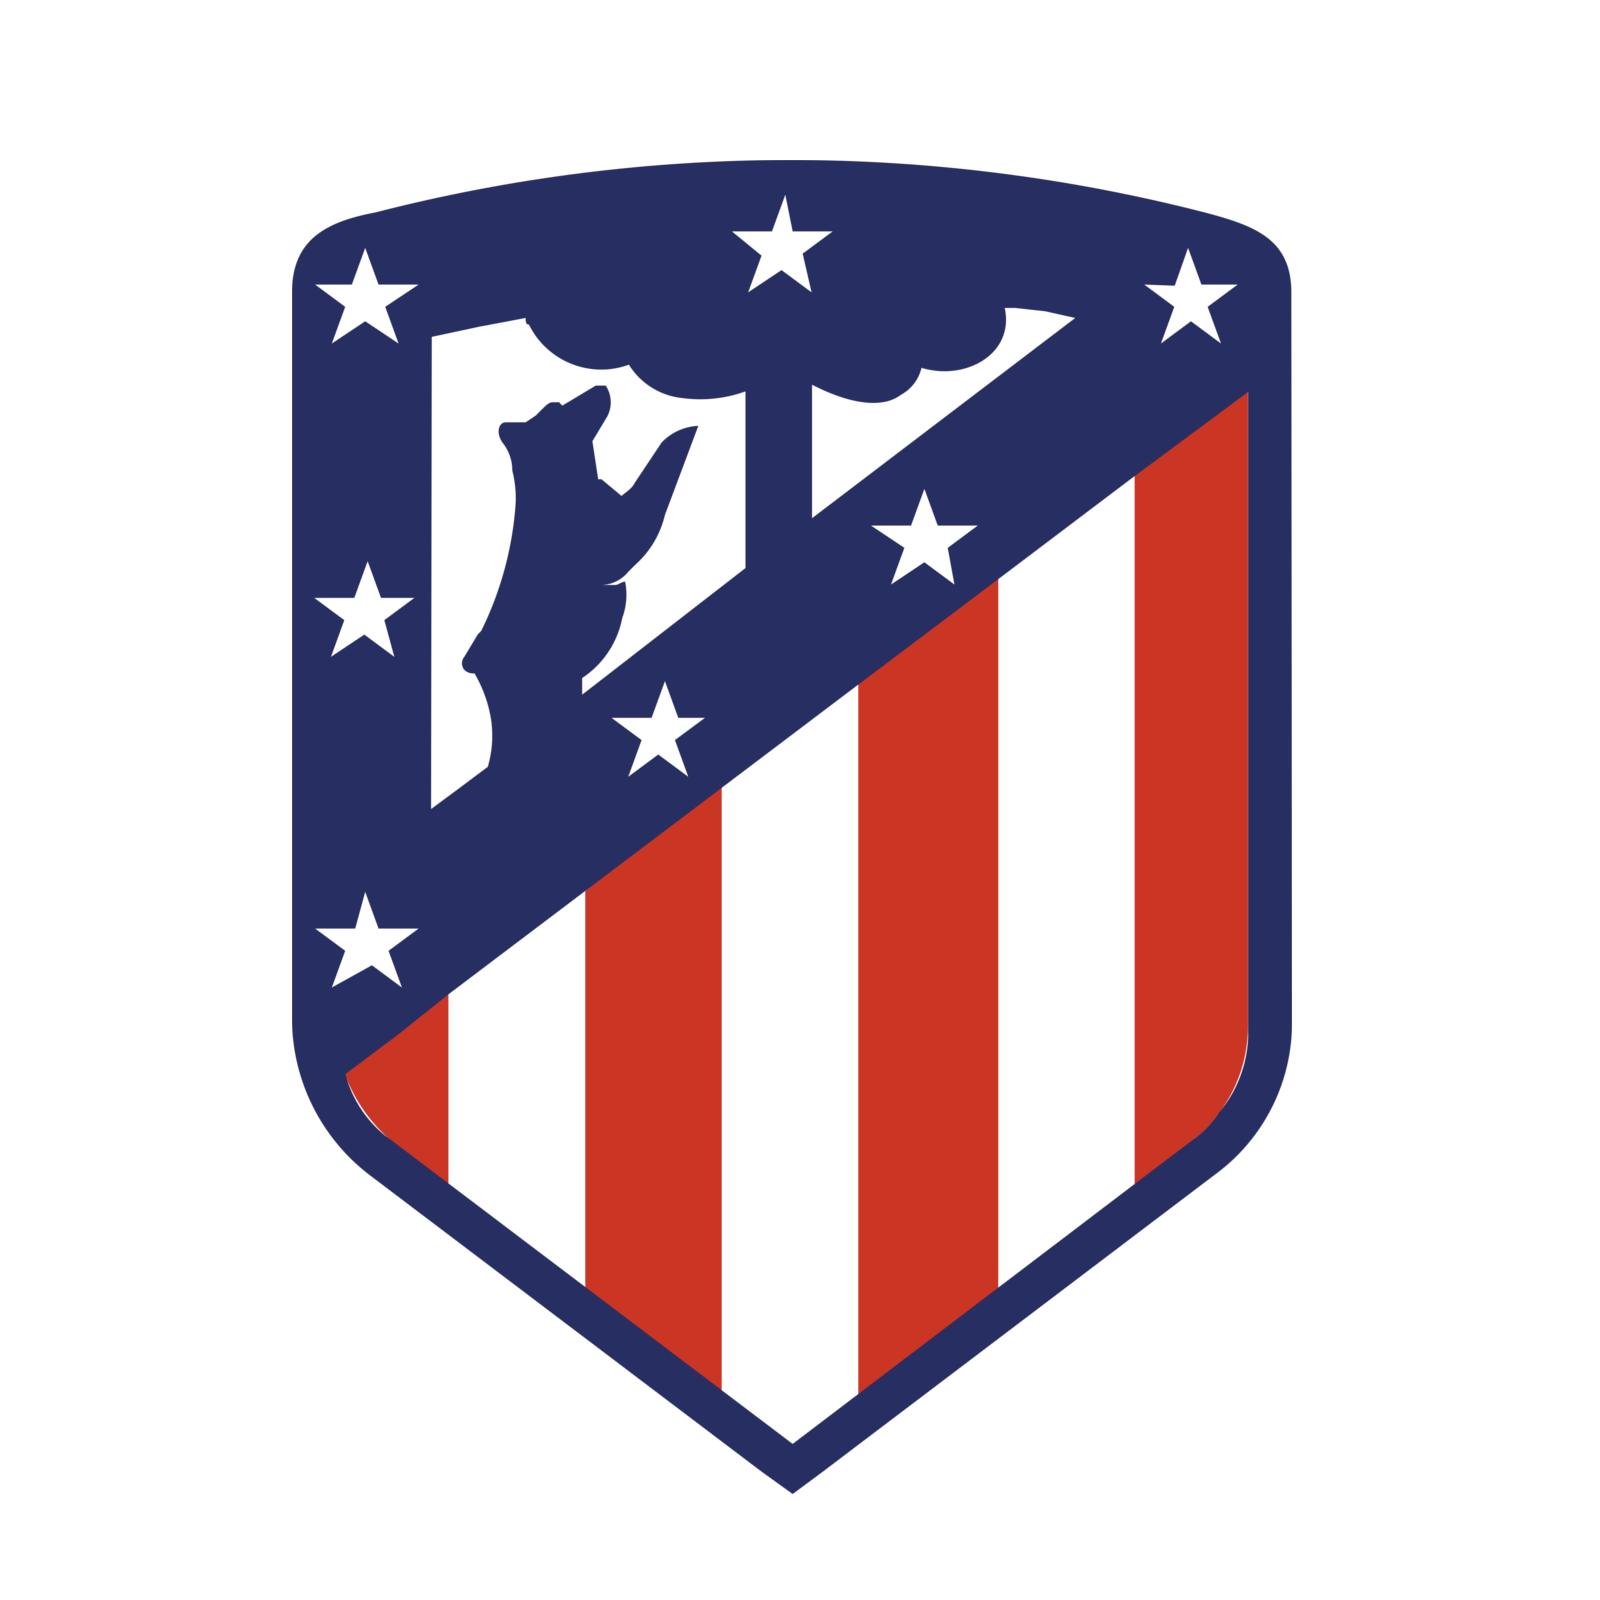 Official Atl U00e9tico De Madrid Website